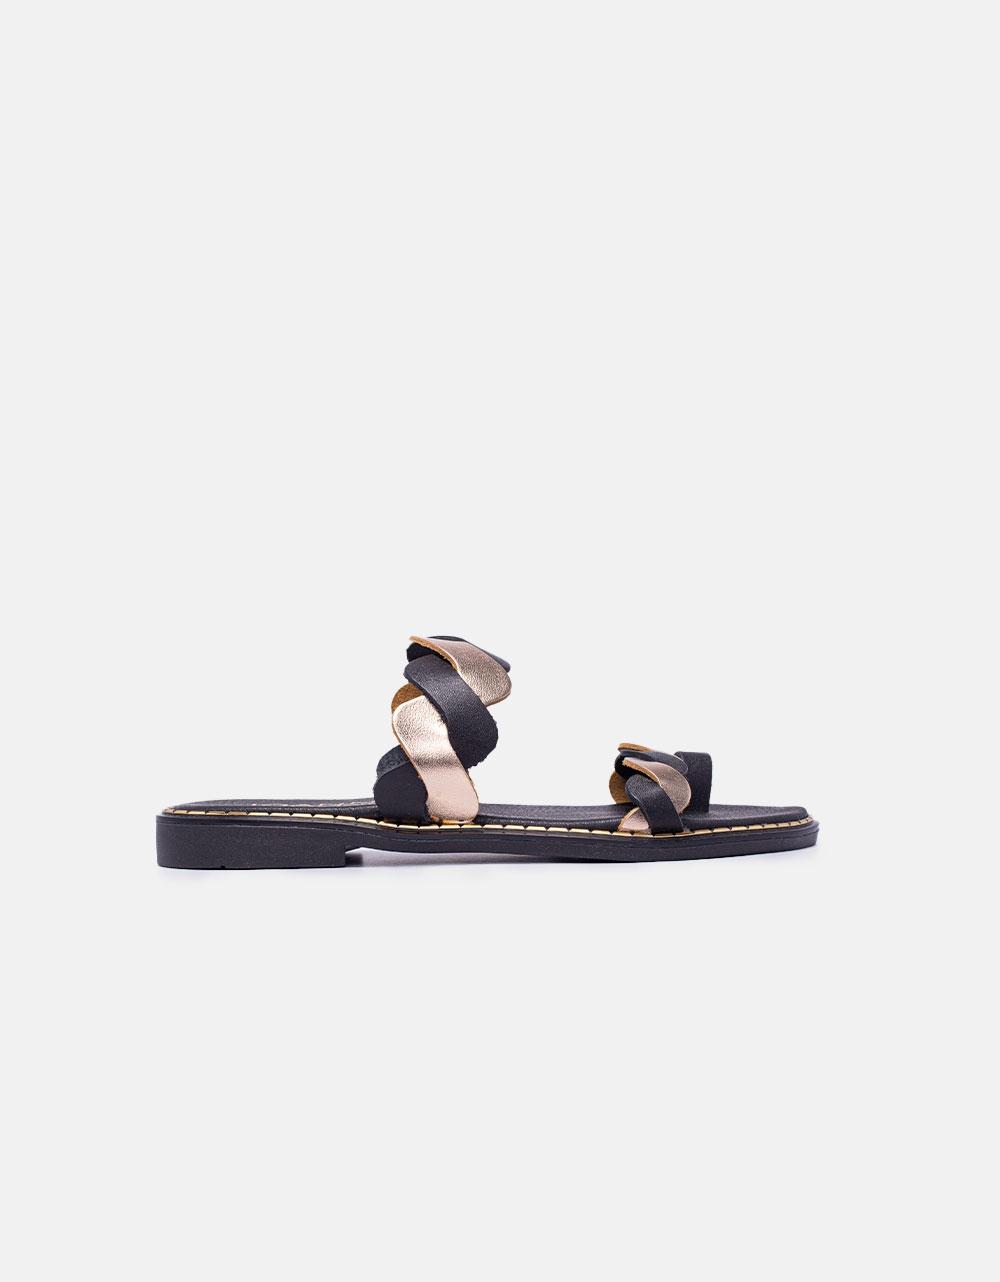 Εικόνα από Γυναικεία σανδάλια από γνήσιο δέρμα σε συνδυασμό χρωμάτων Μαύρο